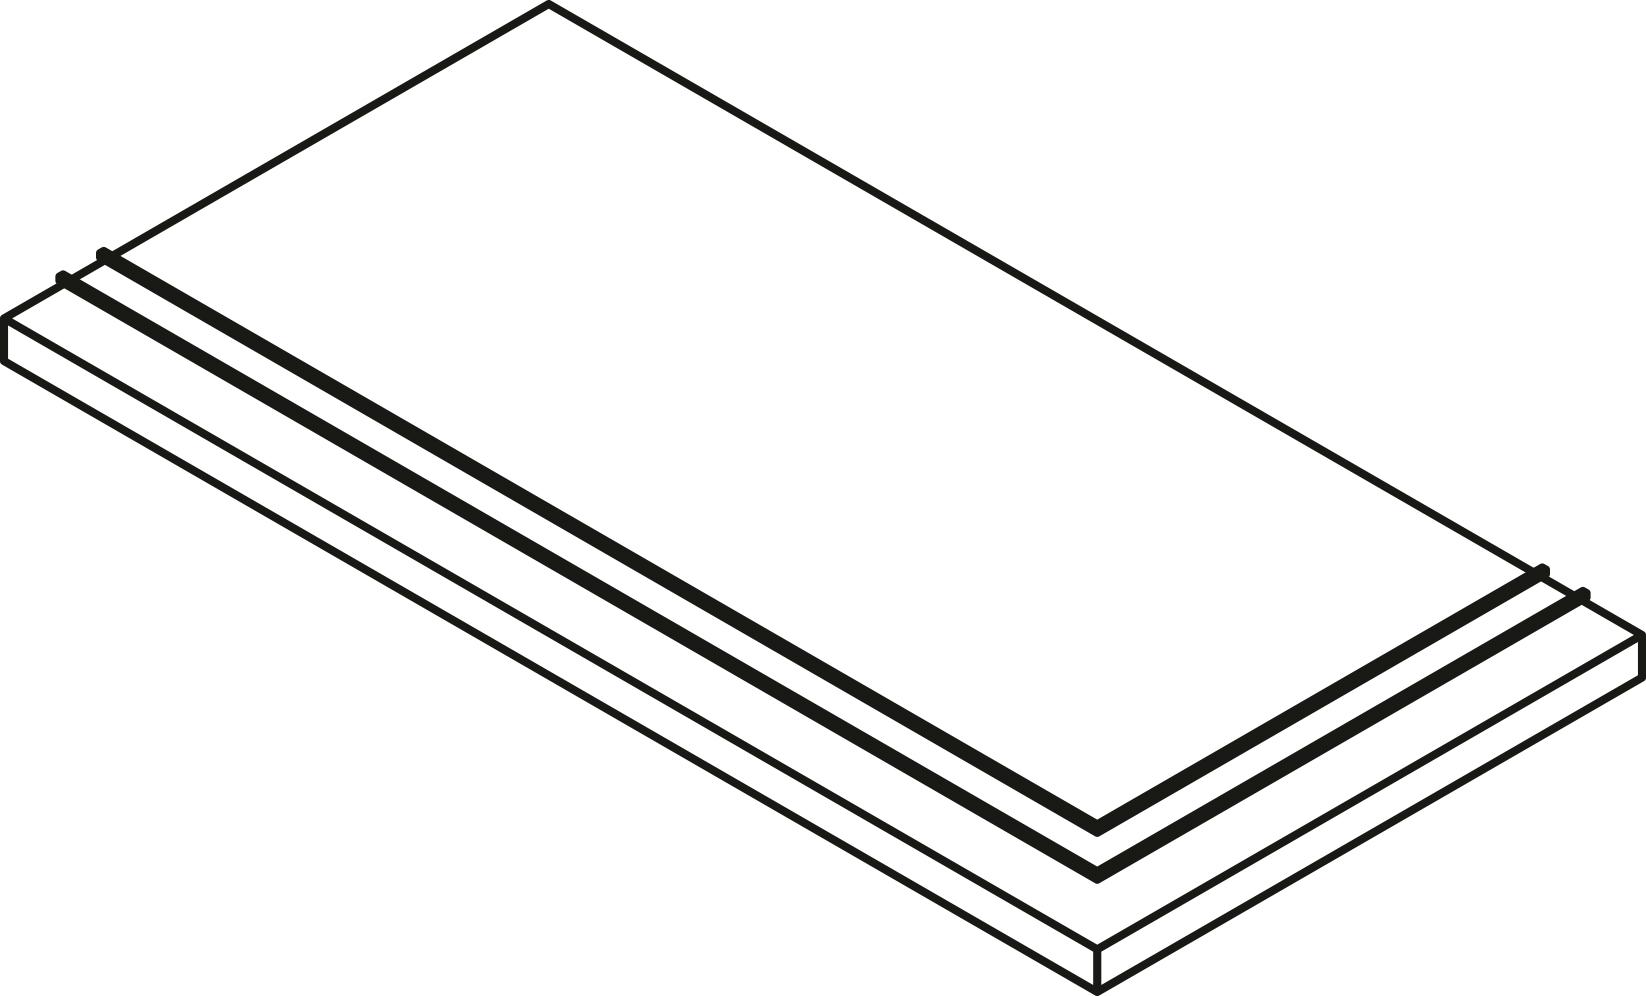 STEP EXTRA THICK CORNER INOX 30X60 *